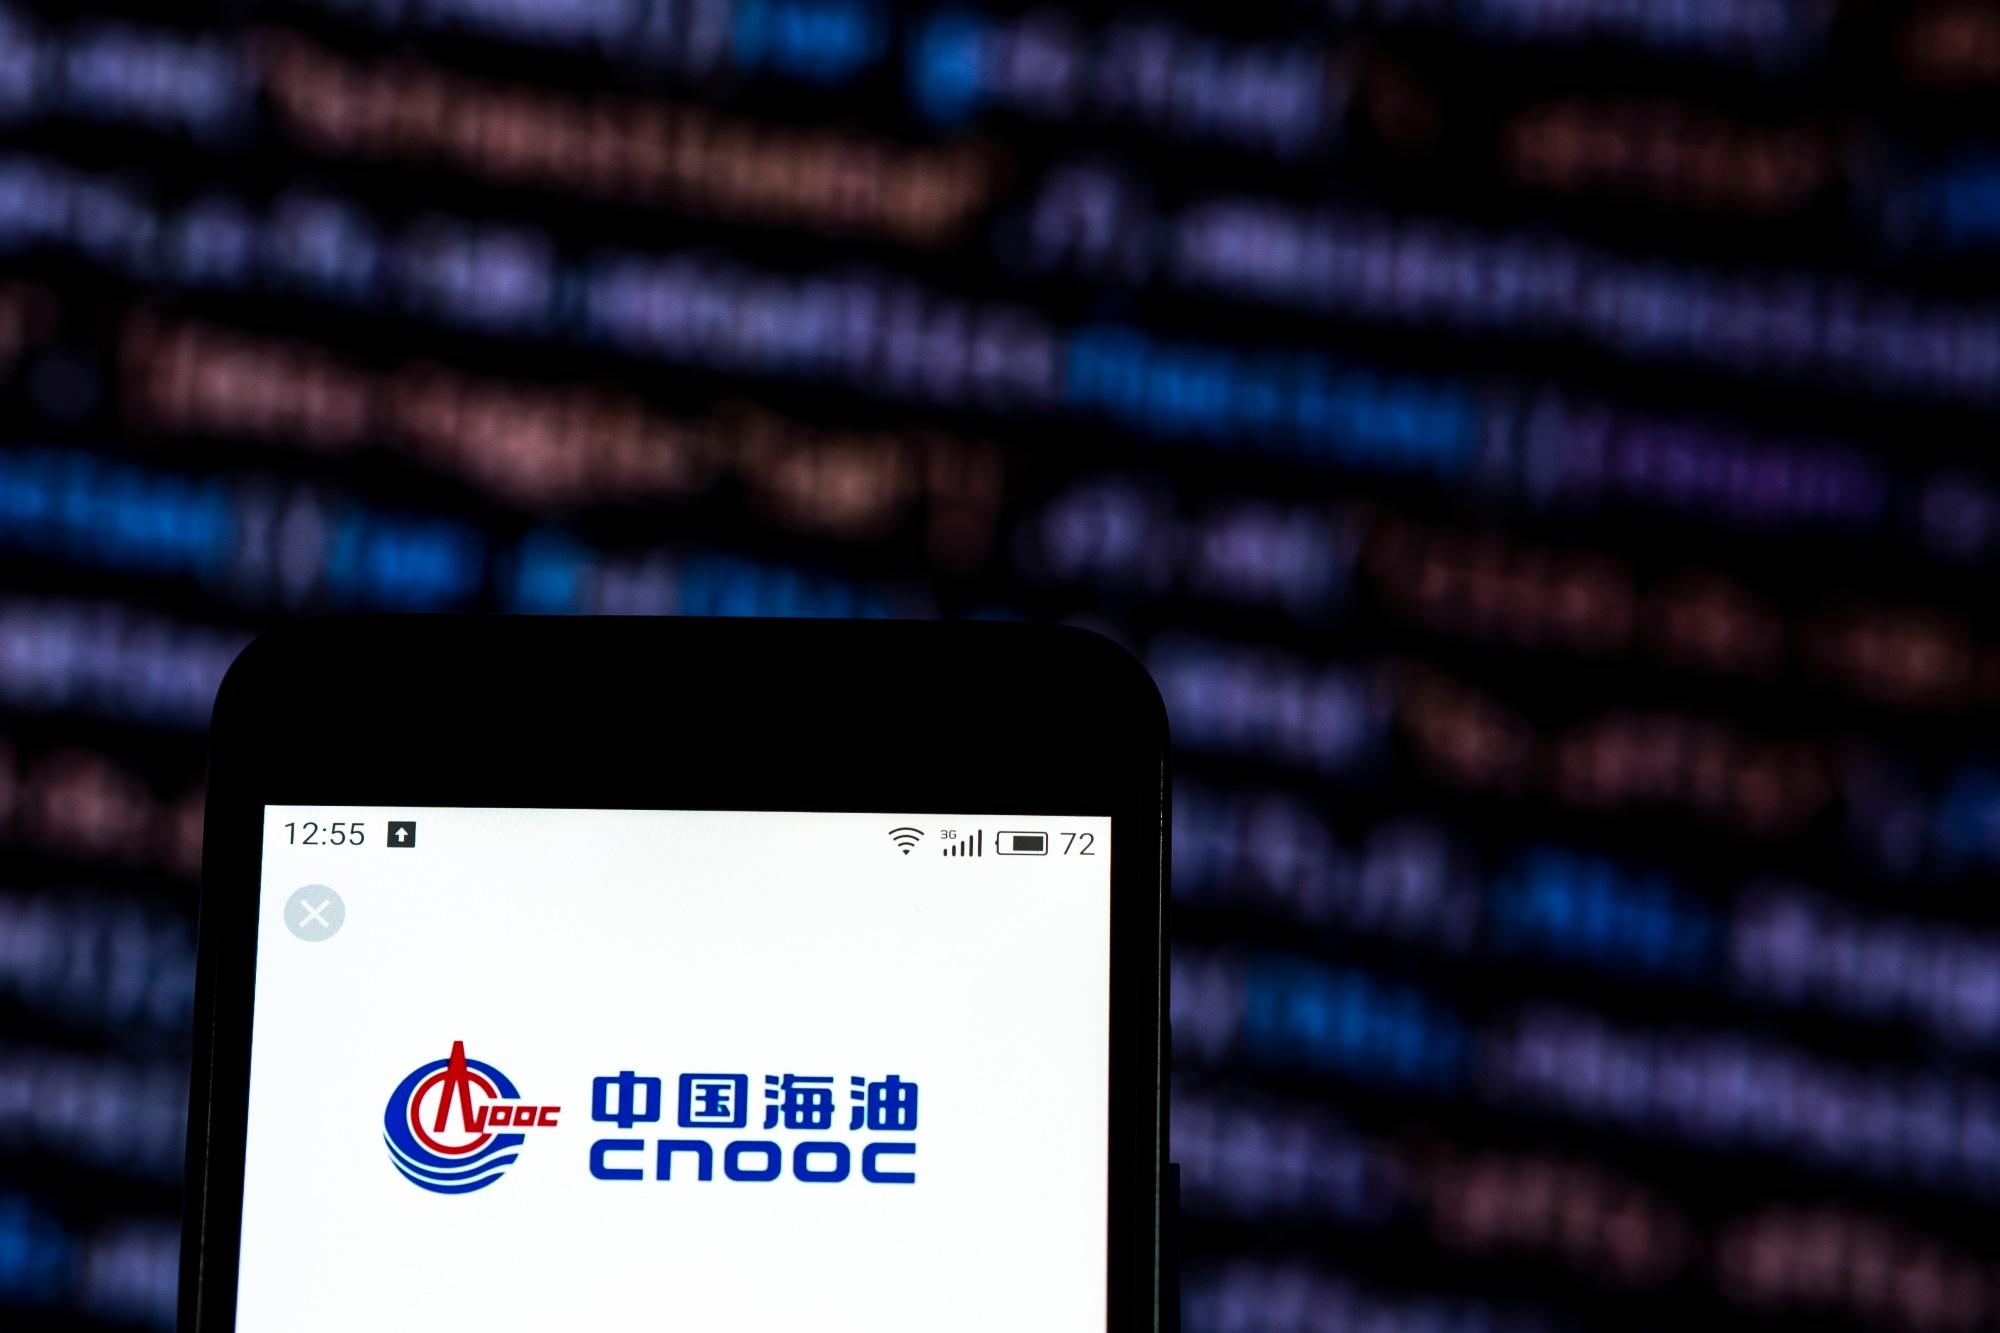 """W tydzień po dodaniu do listy """"komunistycznych chińskich firm wojskowych"""" notowania akcji CNOOC spadły łącznie o 20 proc. (najgorszy wynik od załamania globalnego rynku naftowego w marcu br.). Fot. Shutterstock"""